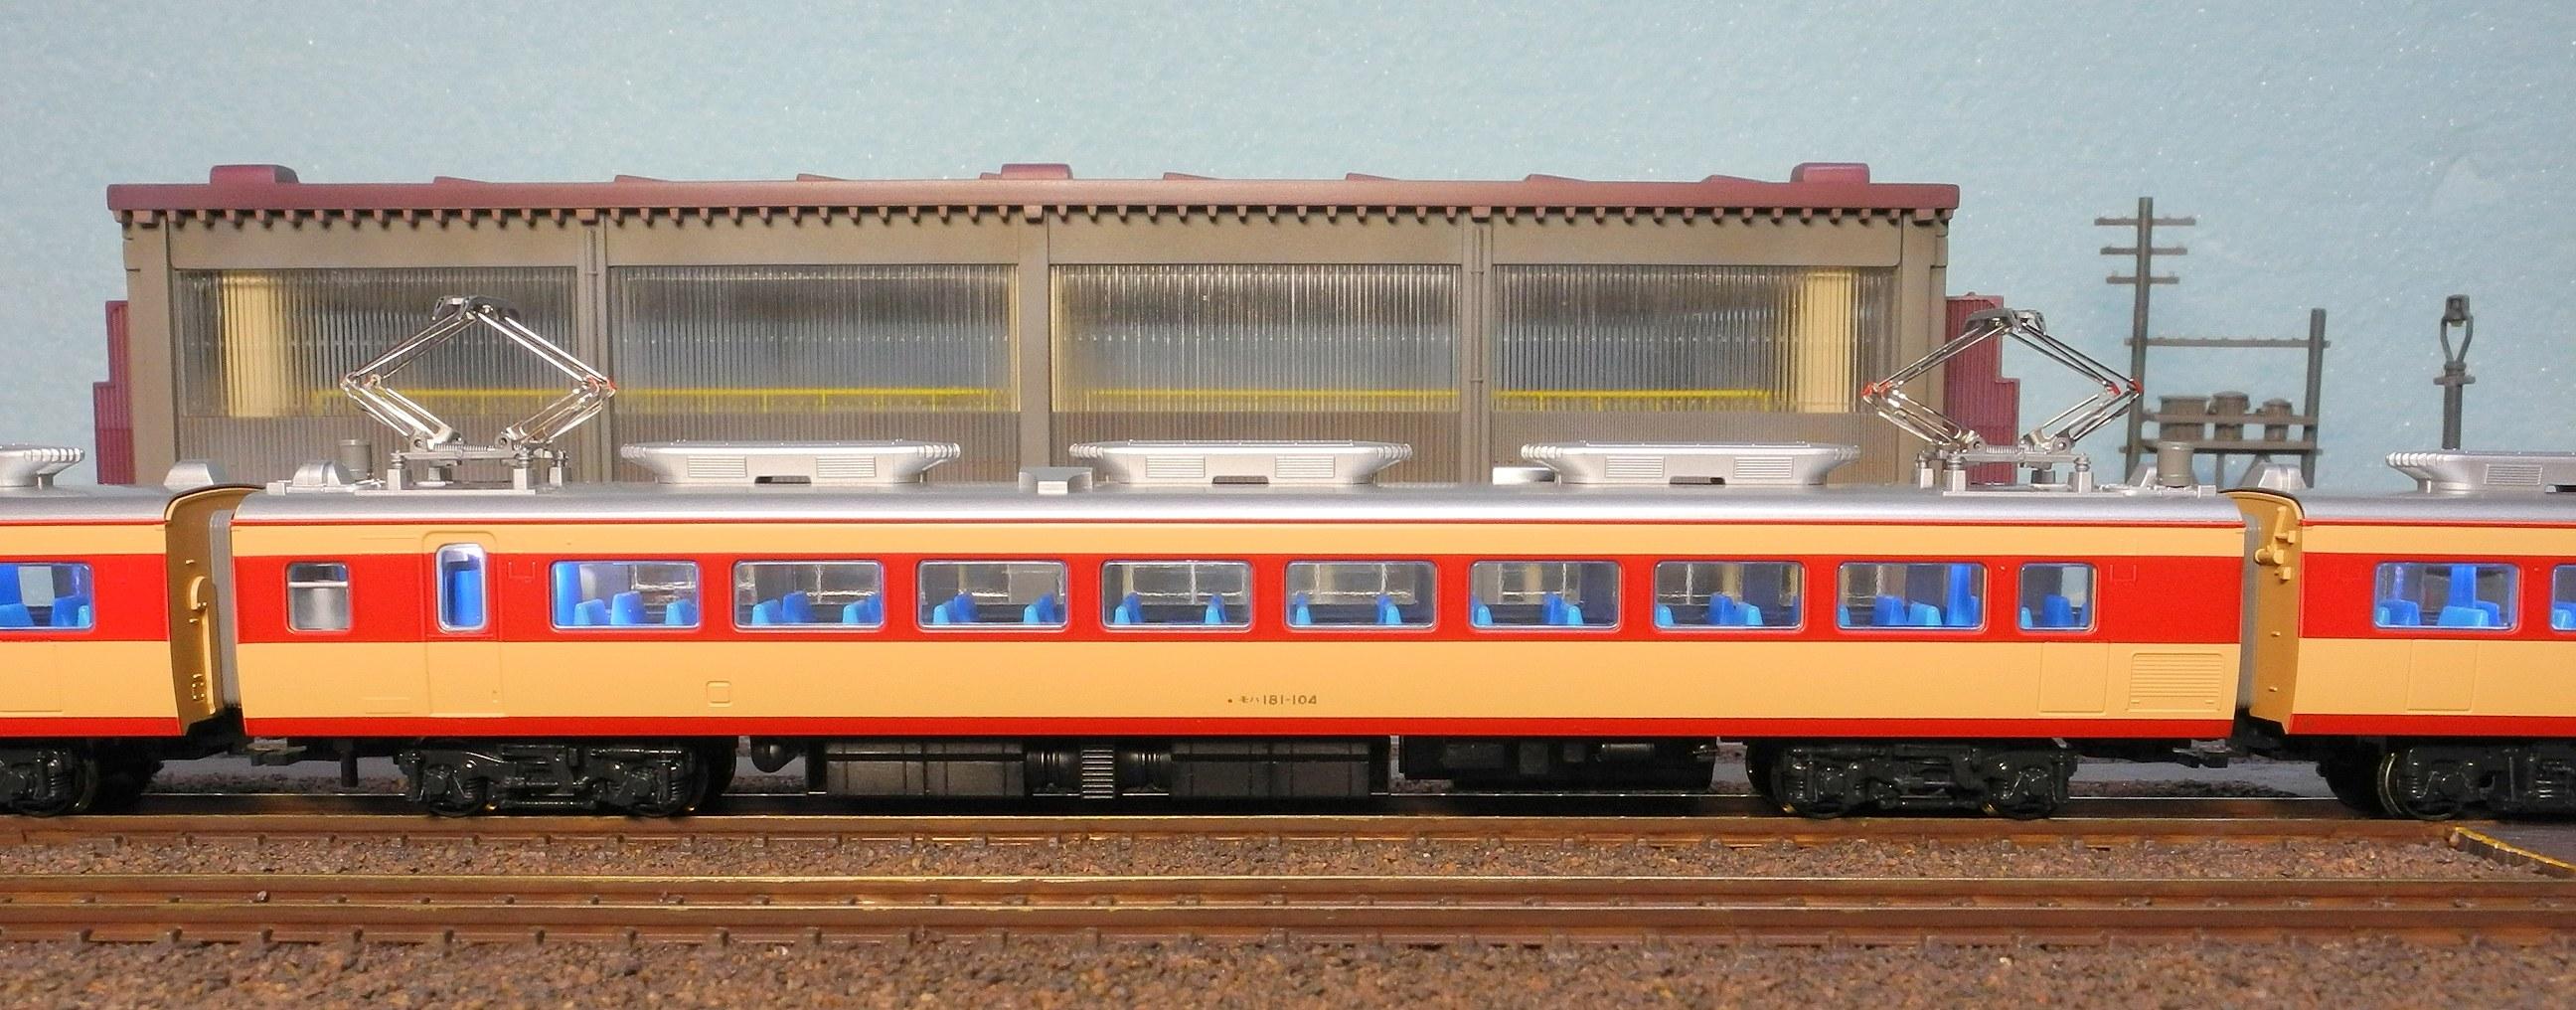 DSCN7952-1.jpg